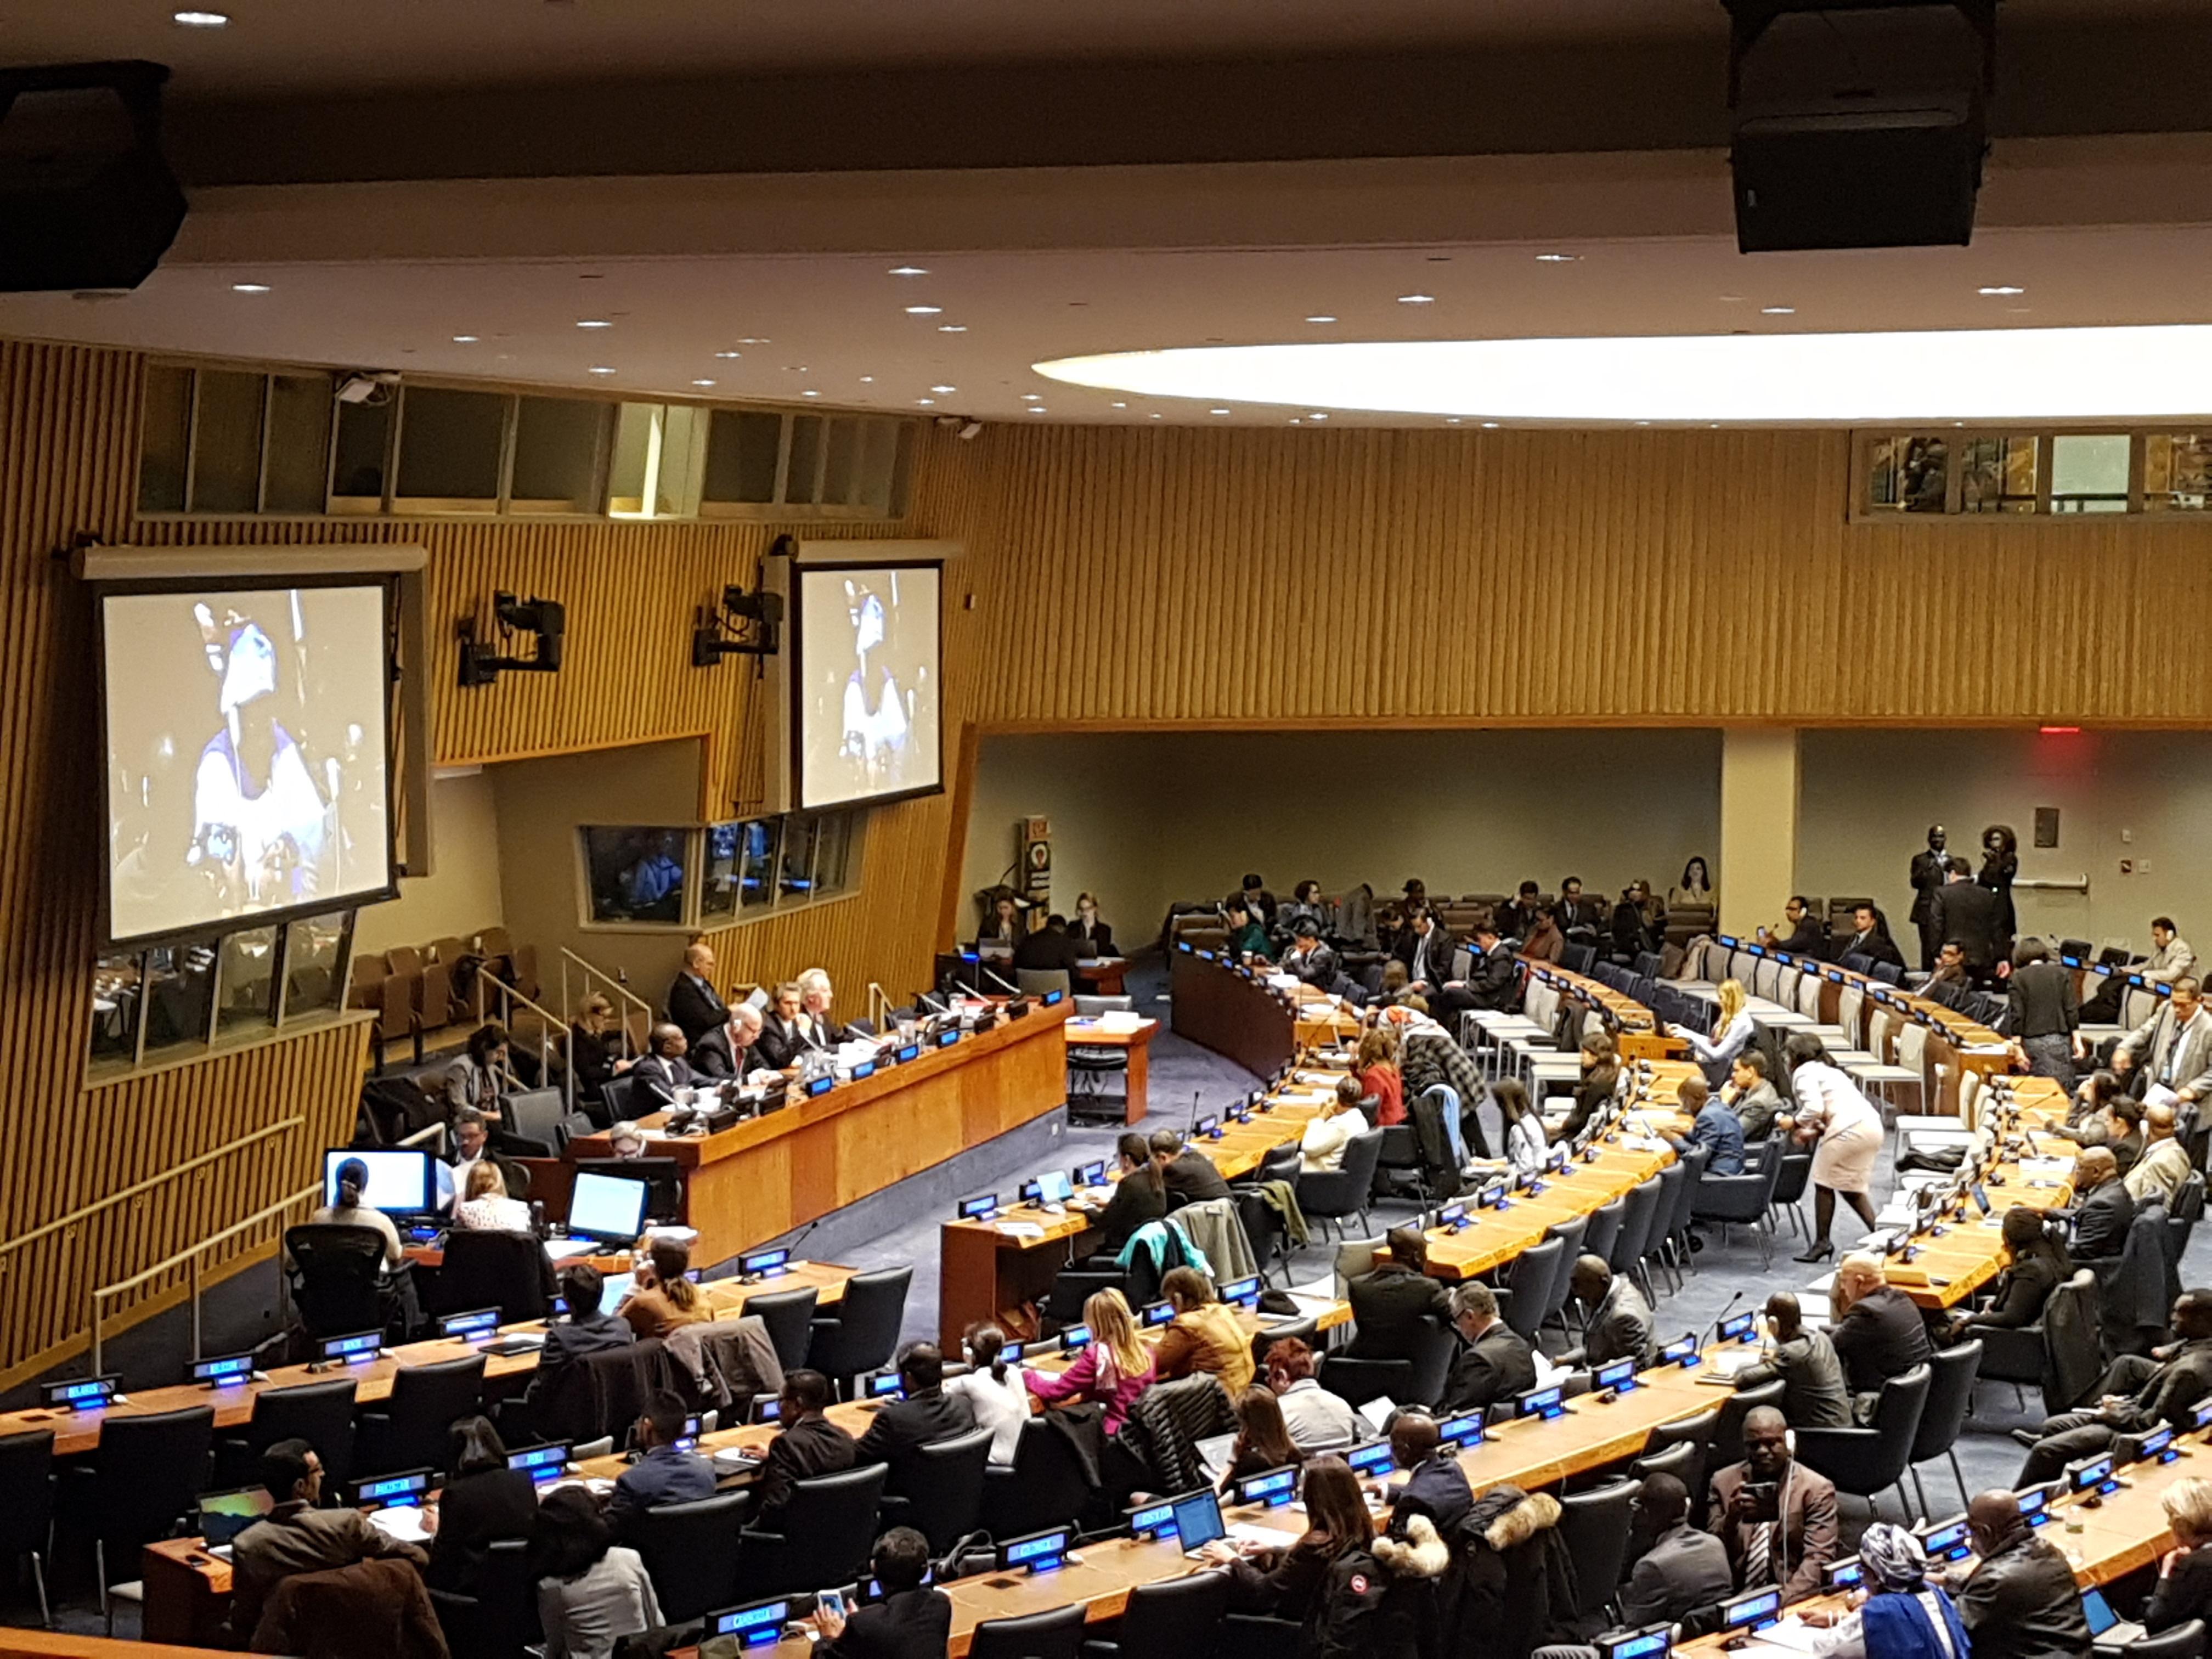 11일 뉴욕에서 열린 제51차 UN 인구개발위원회에서 많은 사람들이 있는 와중 의장이 포스코 스틸빌리지 사례 등 공식의견서를 소개하고 있다.